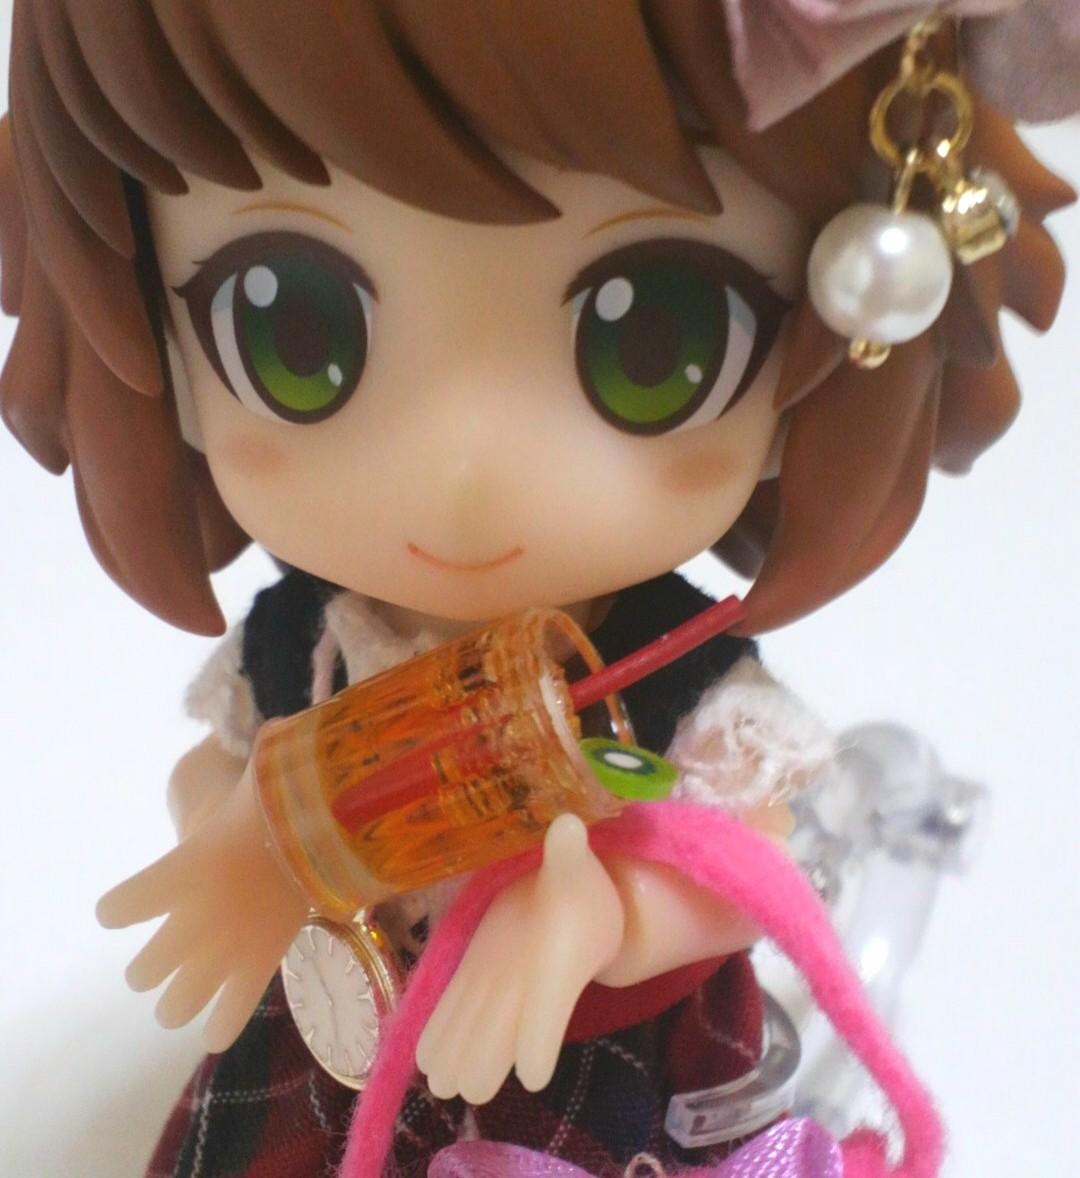 可愛いドール用小物,ミニチュア,おすすめ人気おもちゃ,人形用雑貨